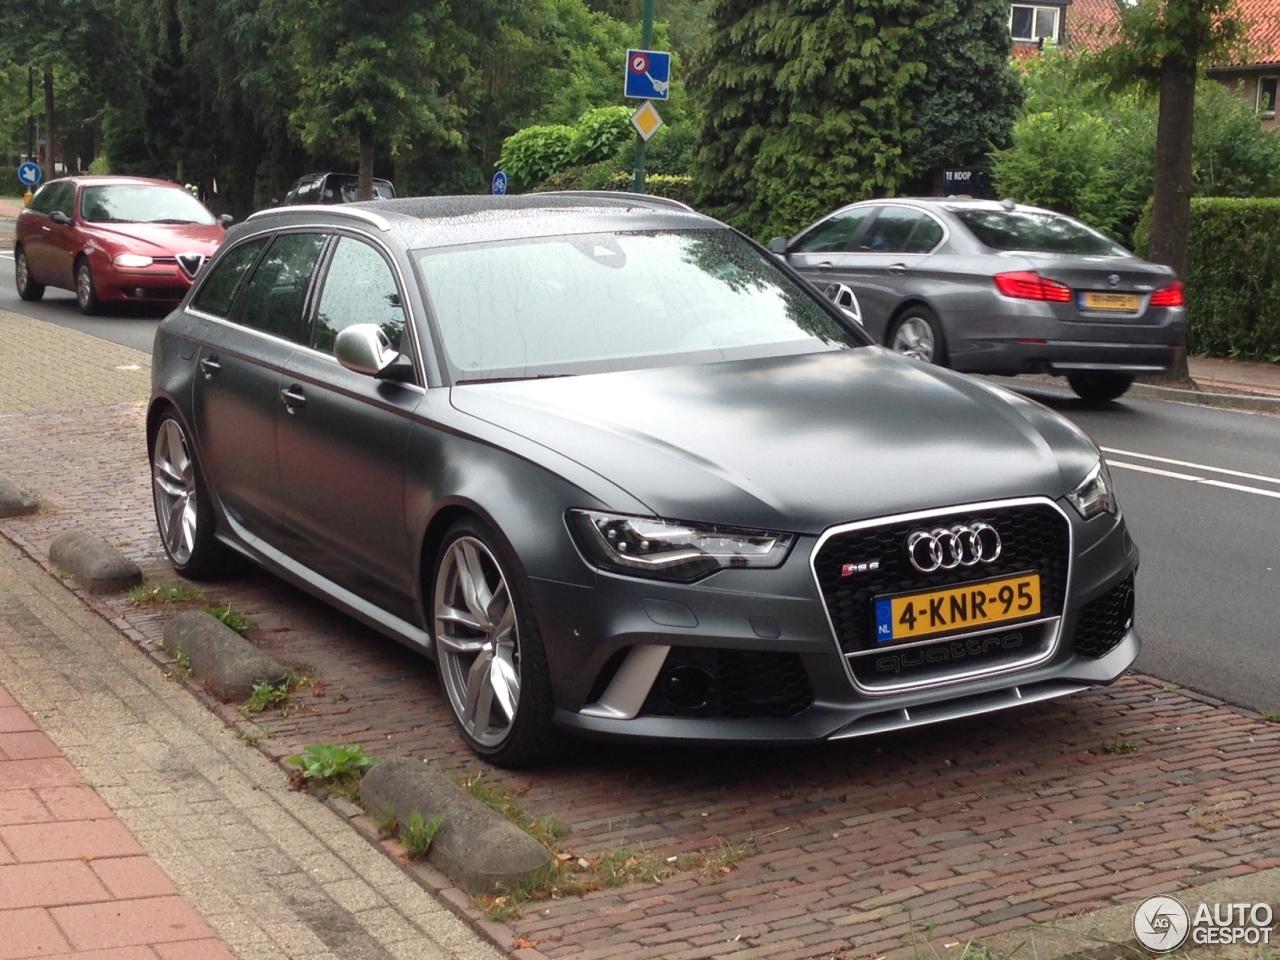 Audi Rs6 Avant C7 7 Augustus 2013 Autogespot